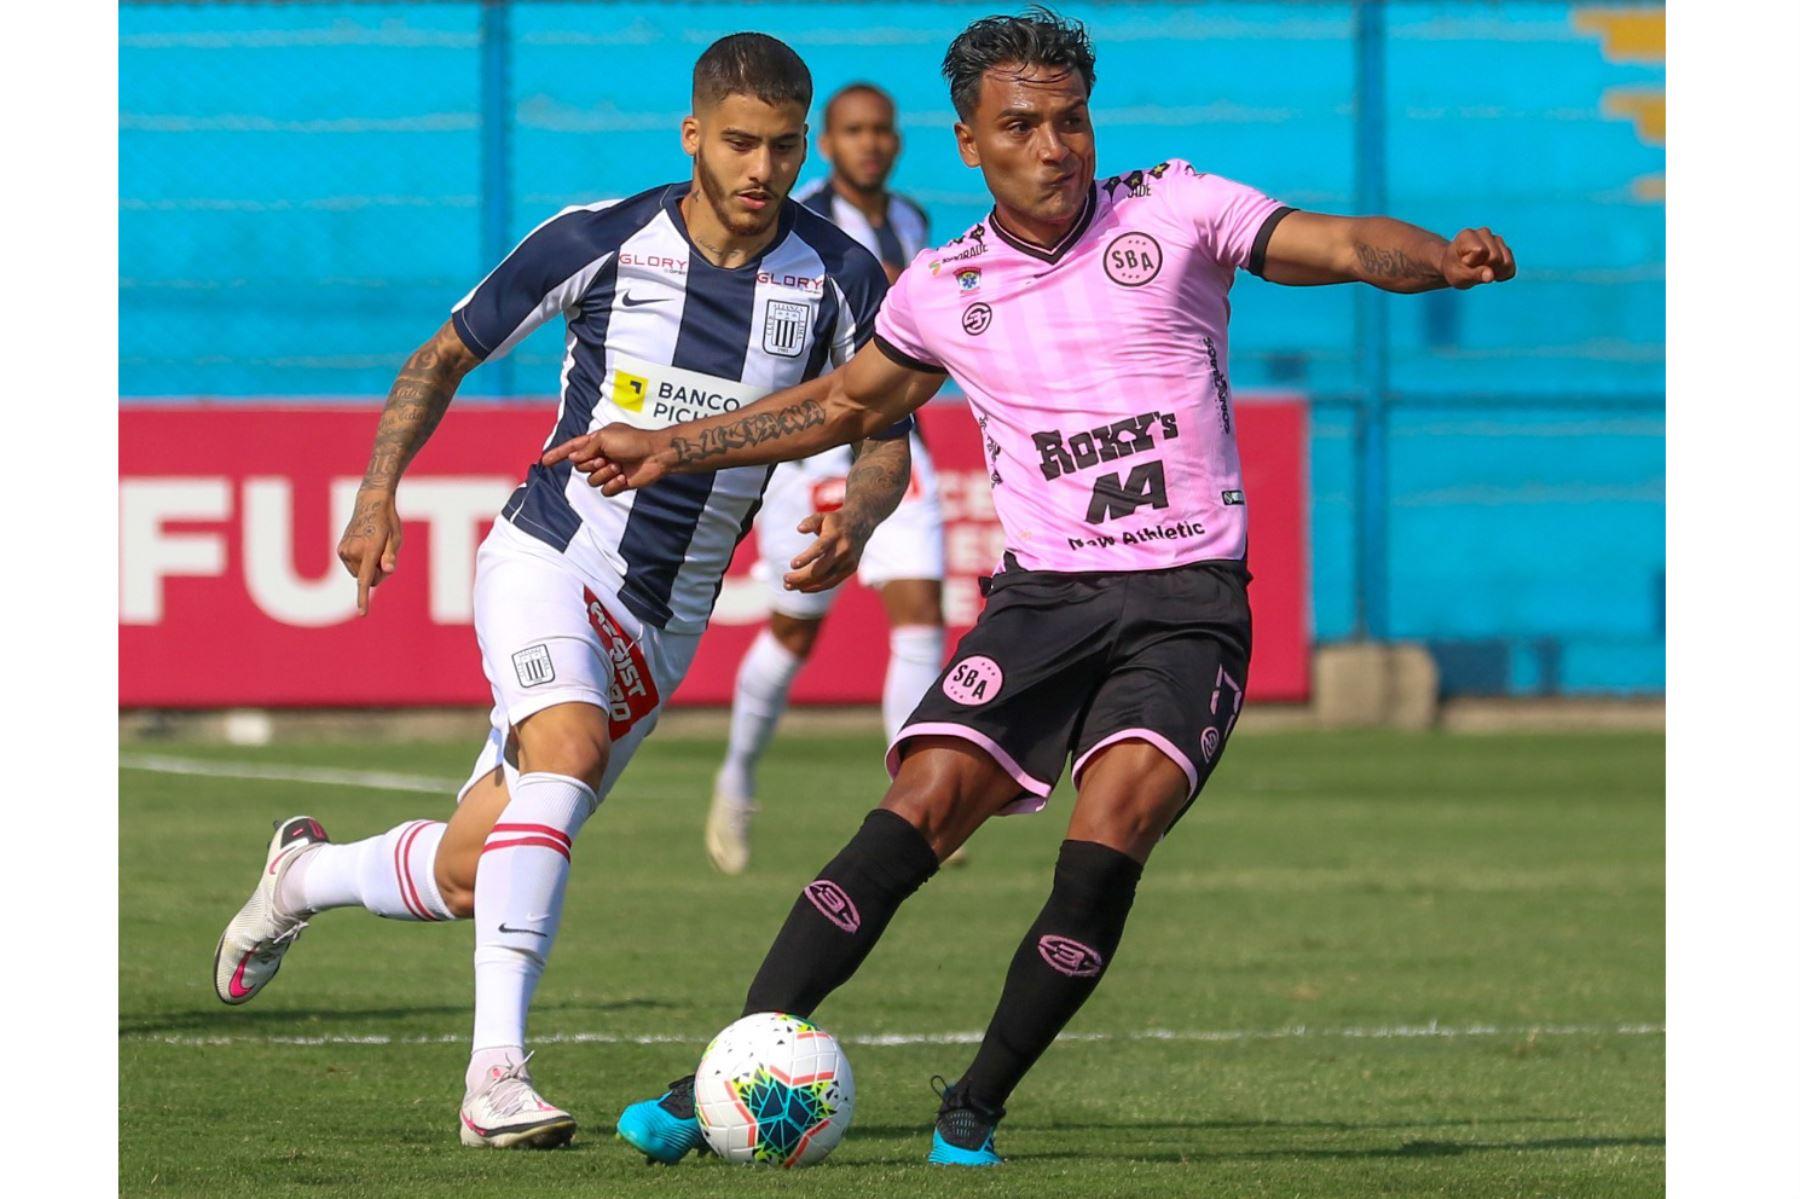 El futbolista J. Tragadora del Sport Boys disputa la pelota con el futbolista de  Alianza Lima , durante el partido por la Fase 2 de la fecha 7 de la Liga 1 en el estadio Alberto Gallardo. Foto: @LigaFutProfdel